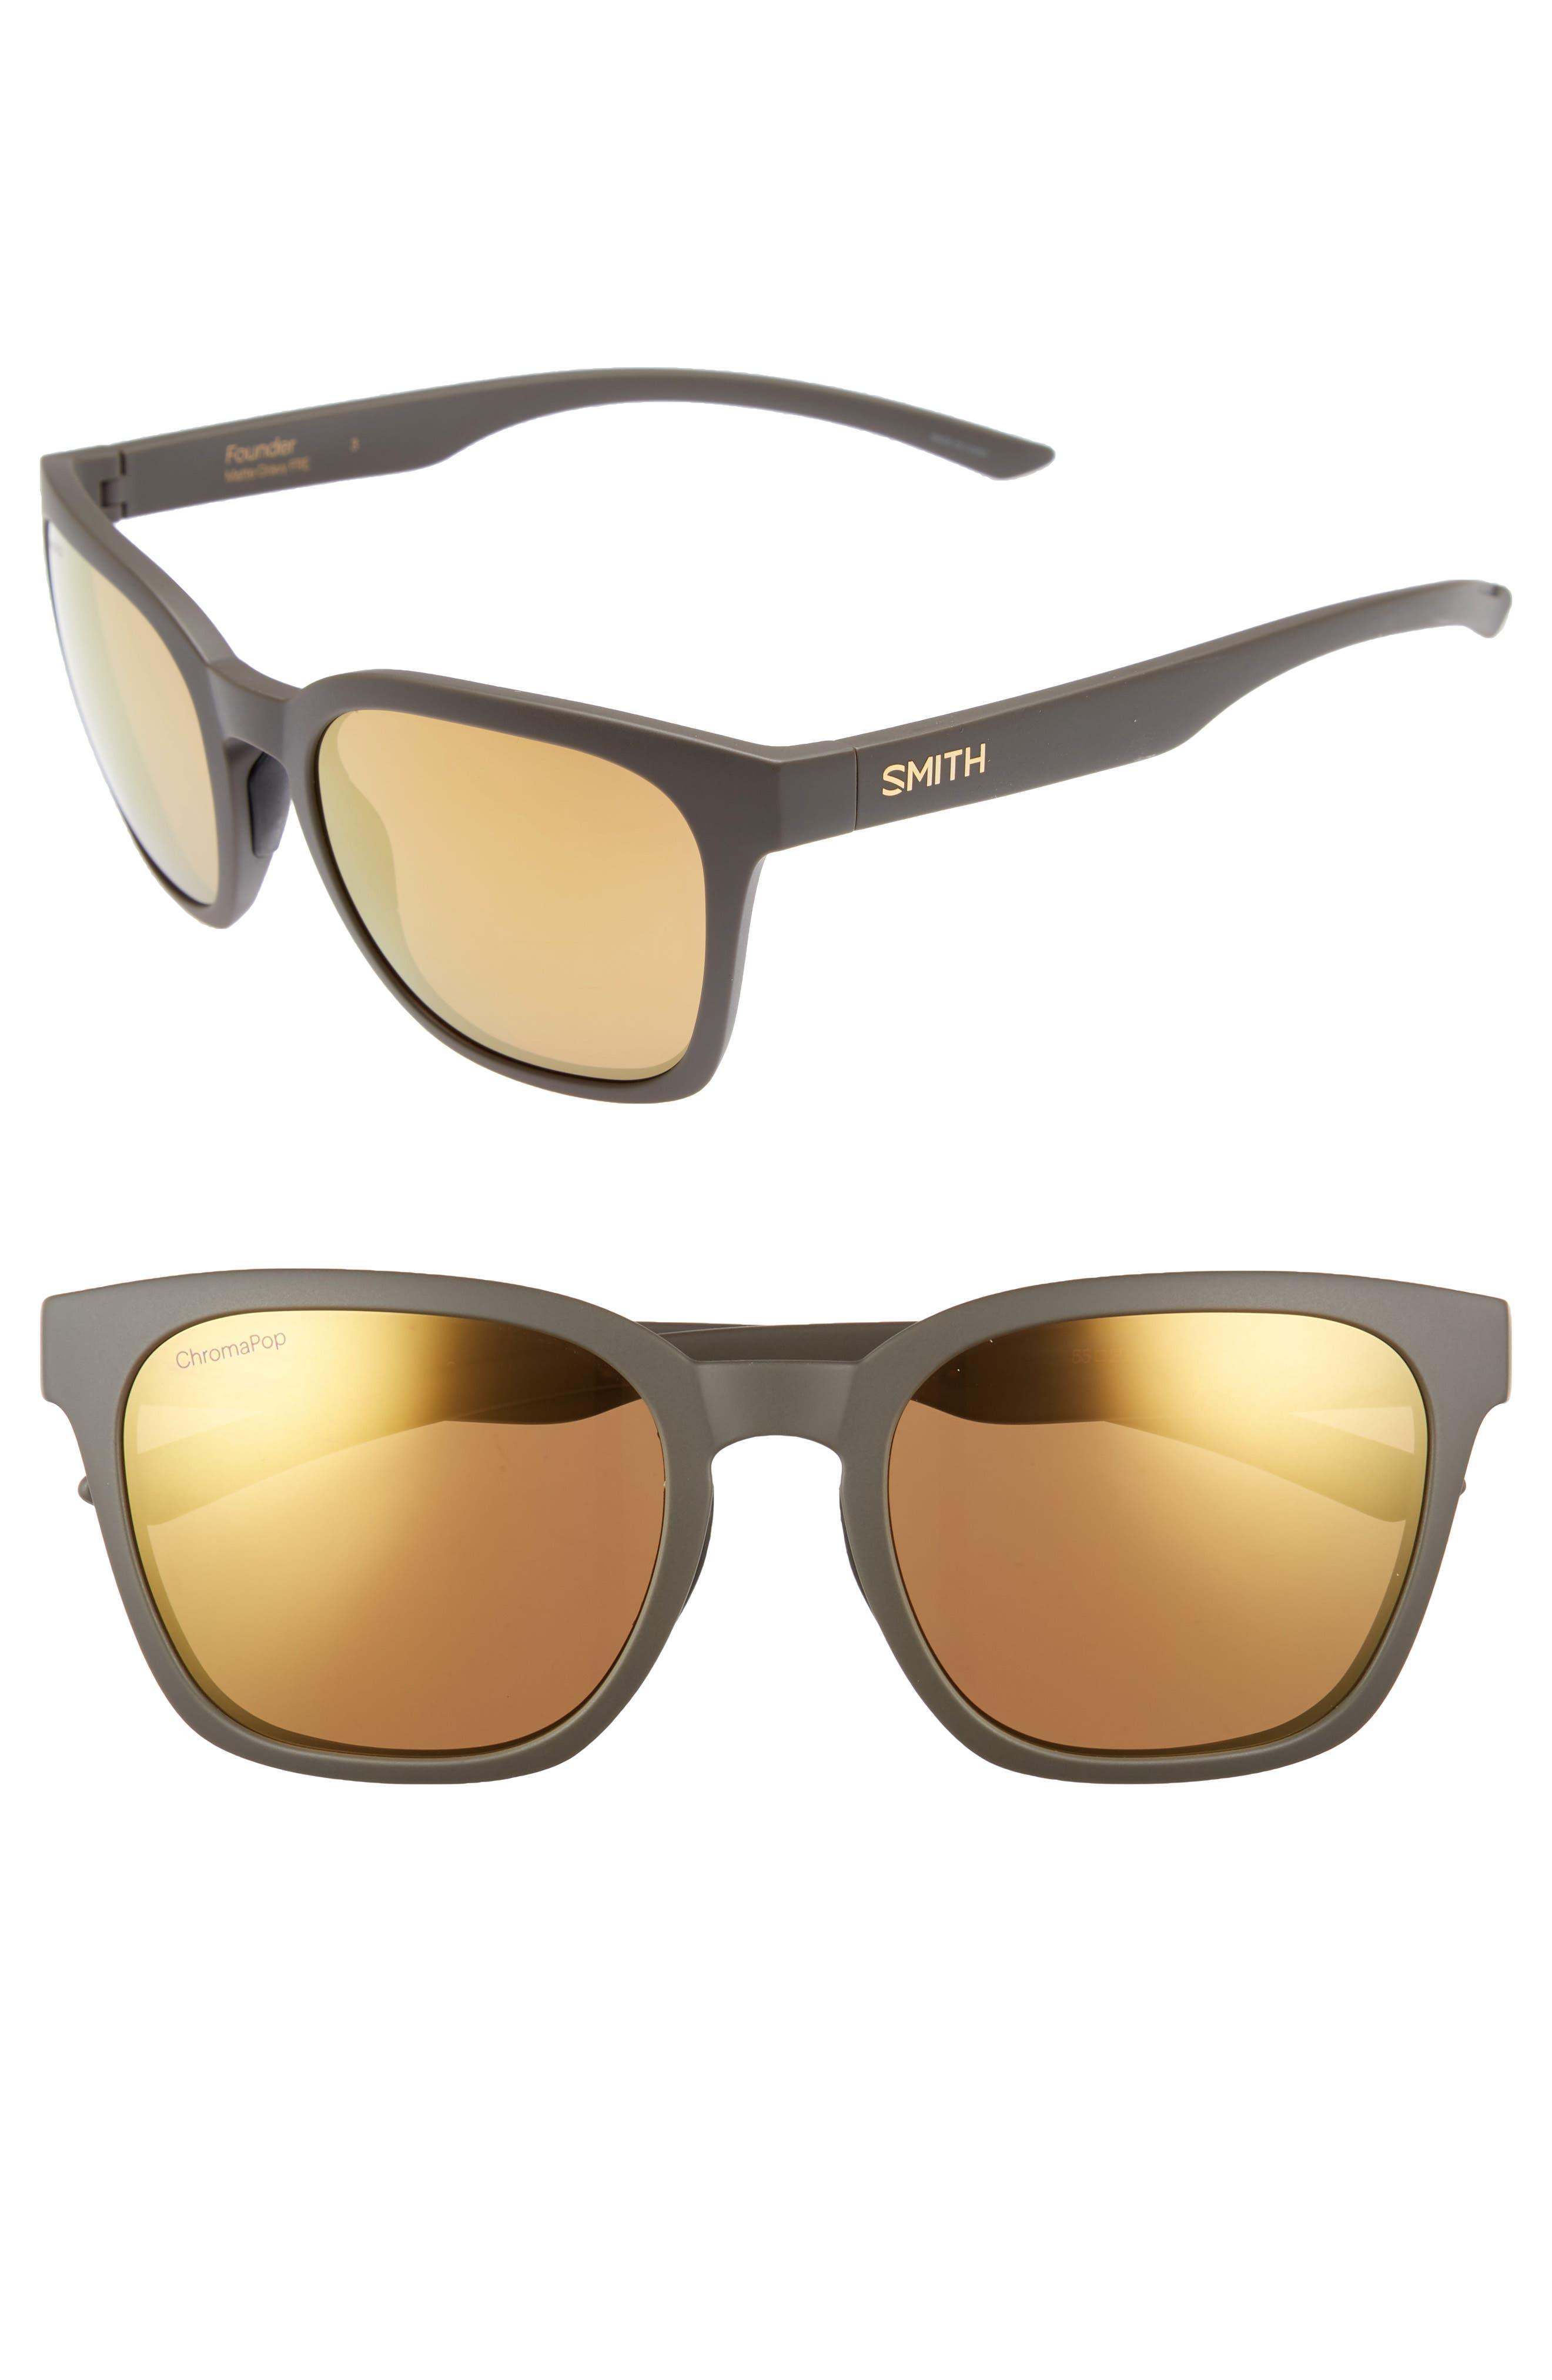 Founder 55mm ChromaPop<sup>™</sup> Polarized Sunglasses,                             Main thumbnail 1, color,                             Matte Gravy